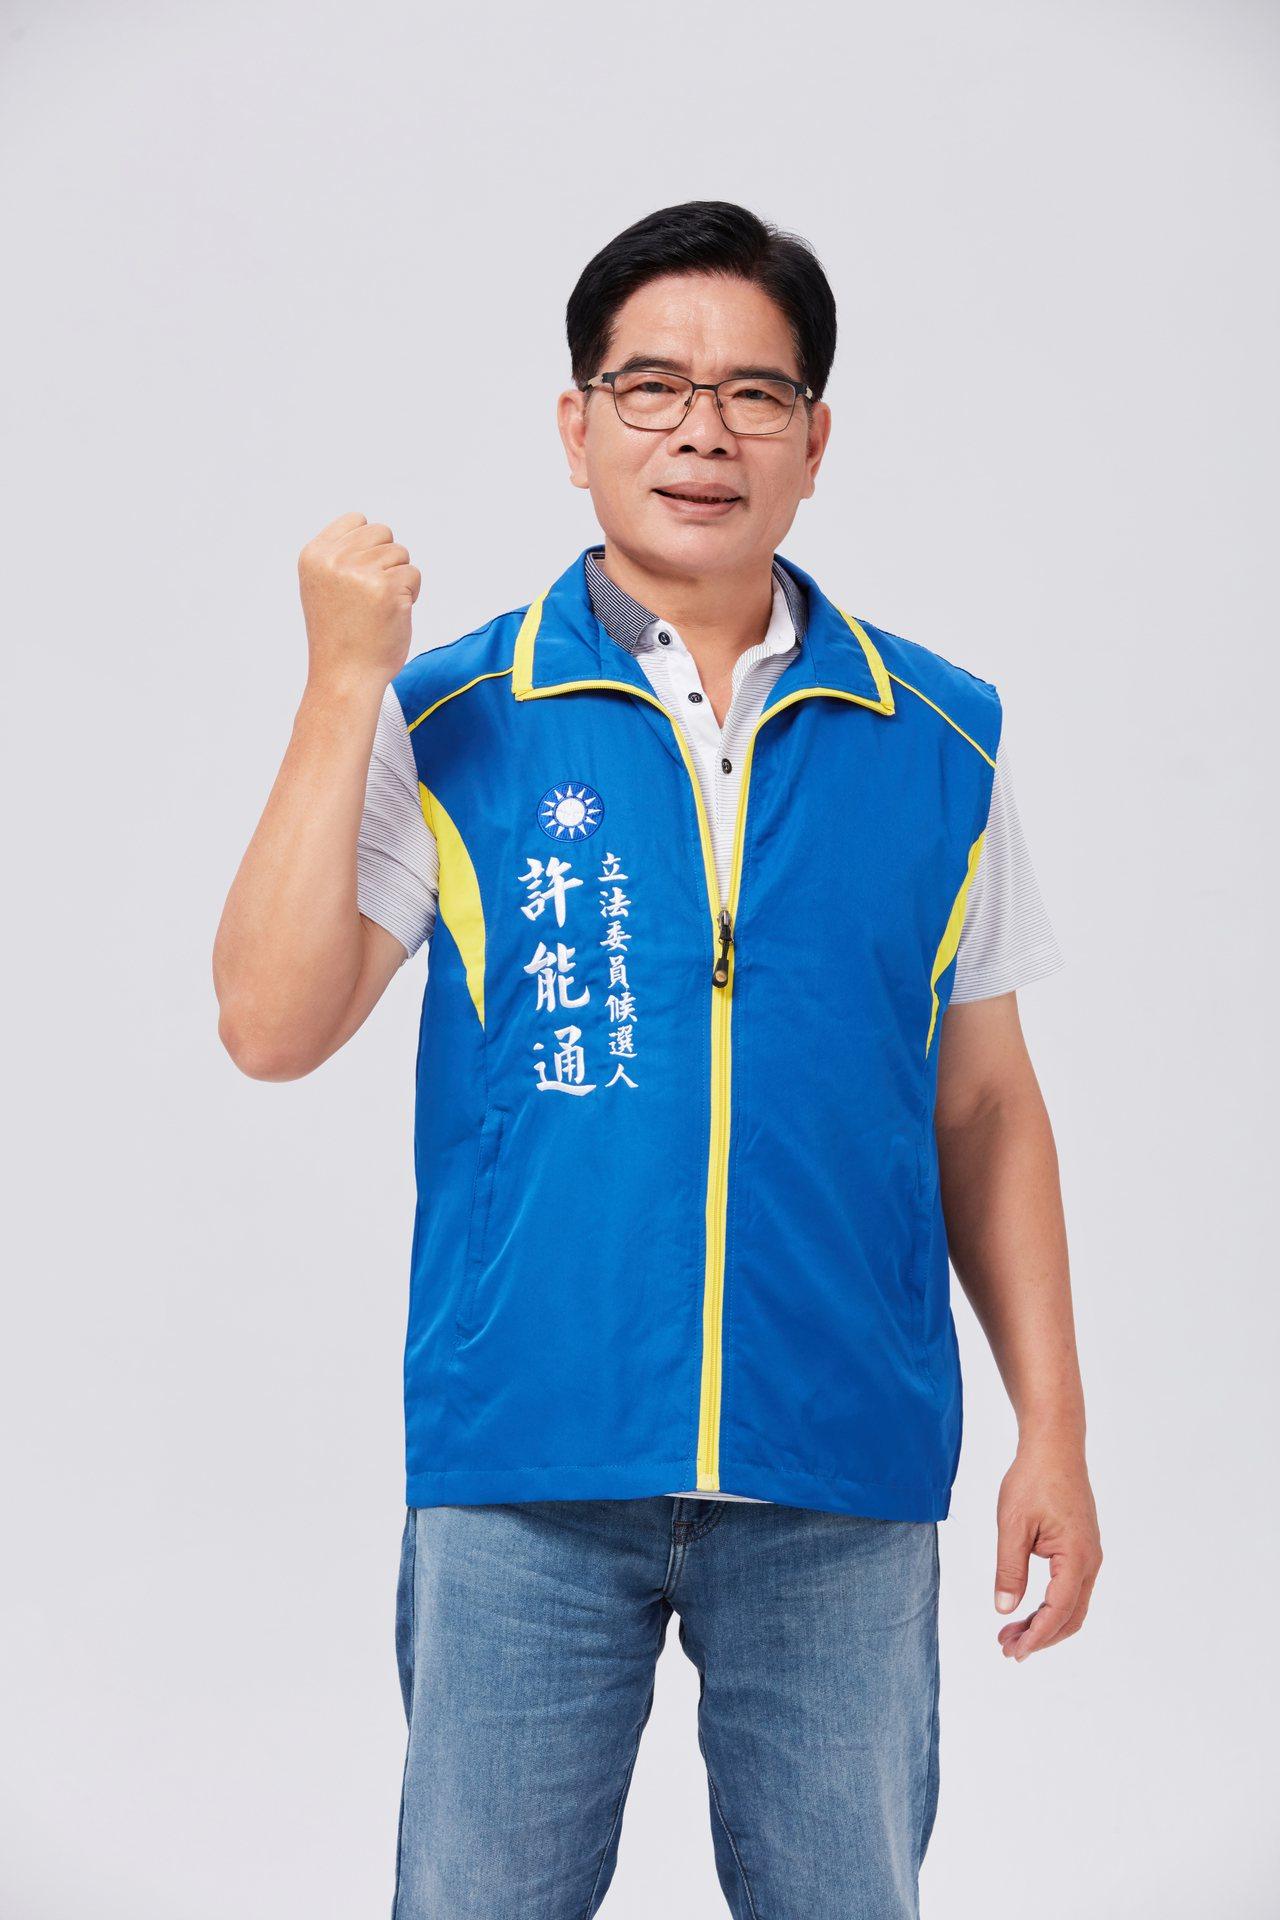 許能通回應,愛台灣不是口號,喊一喊就好了,應該要讓台灣和平、跟中國維持穩定的關係...